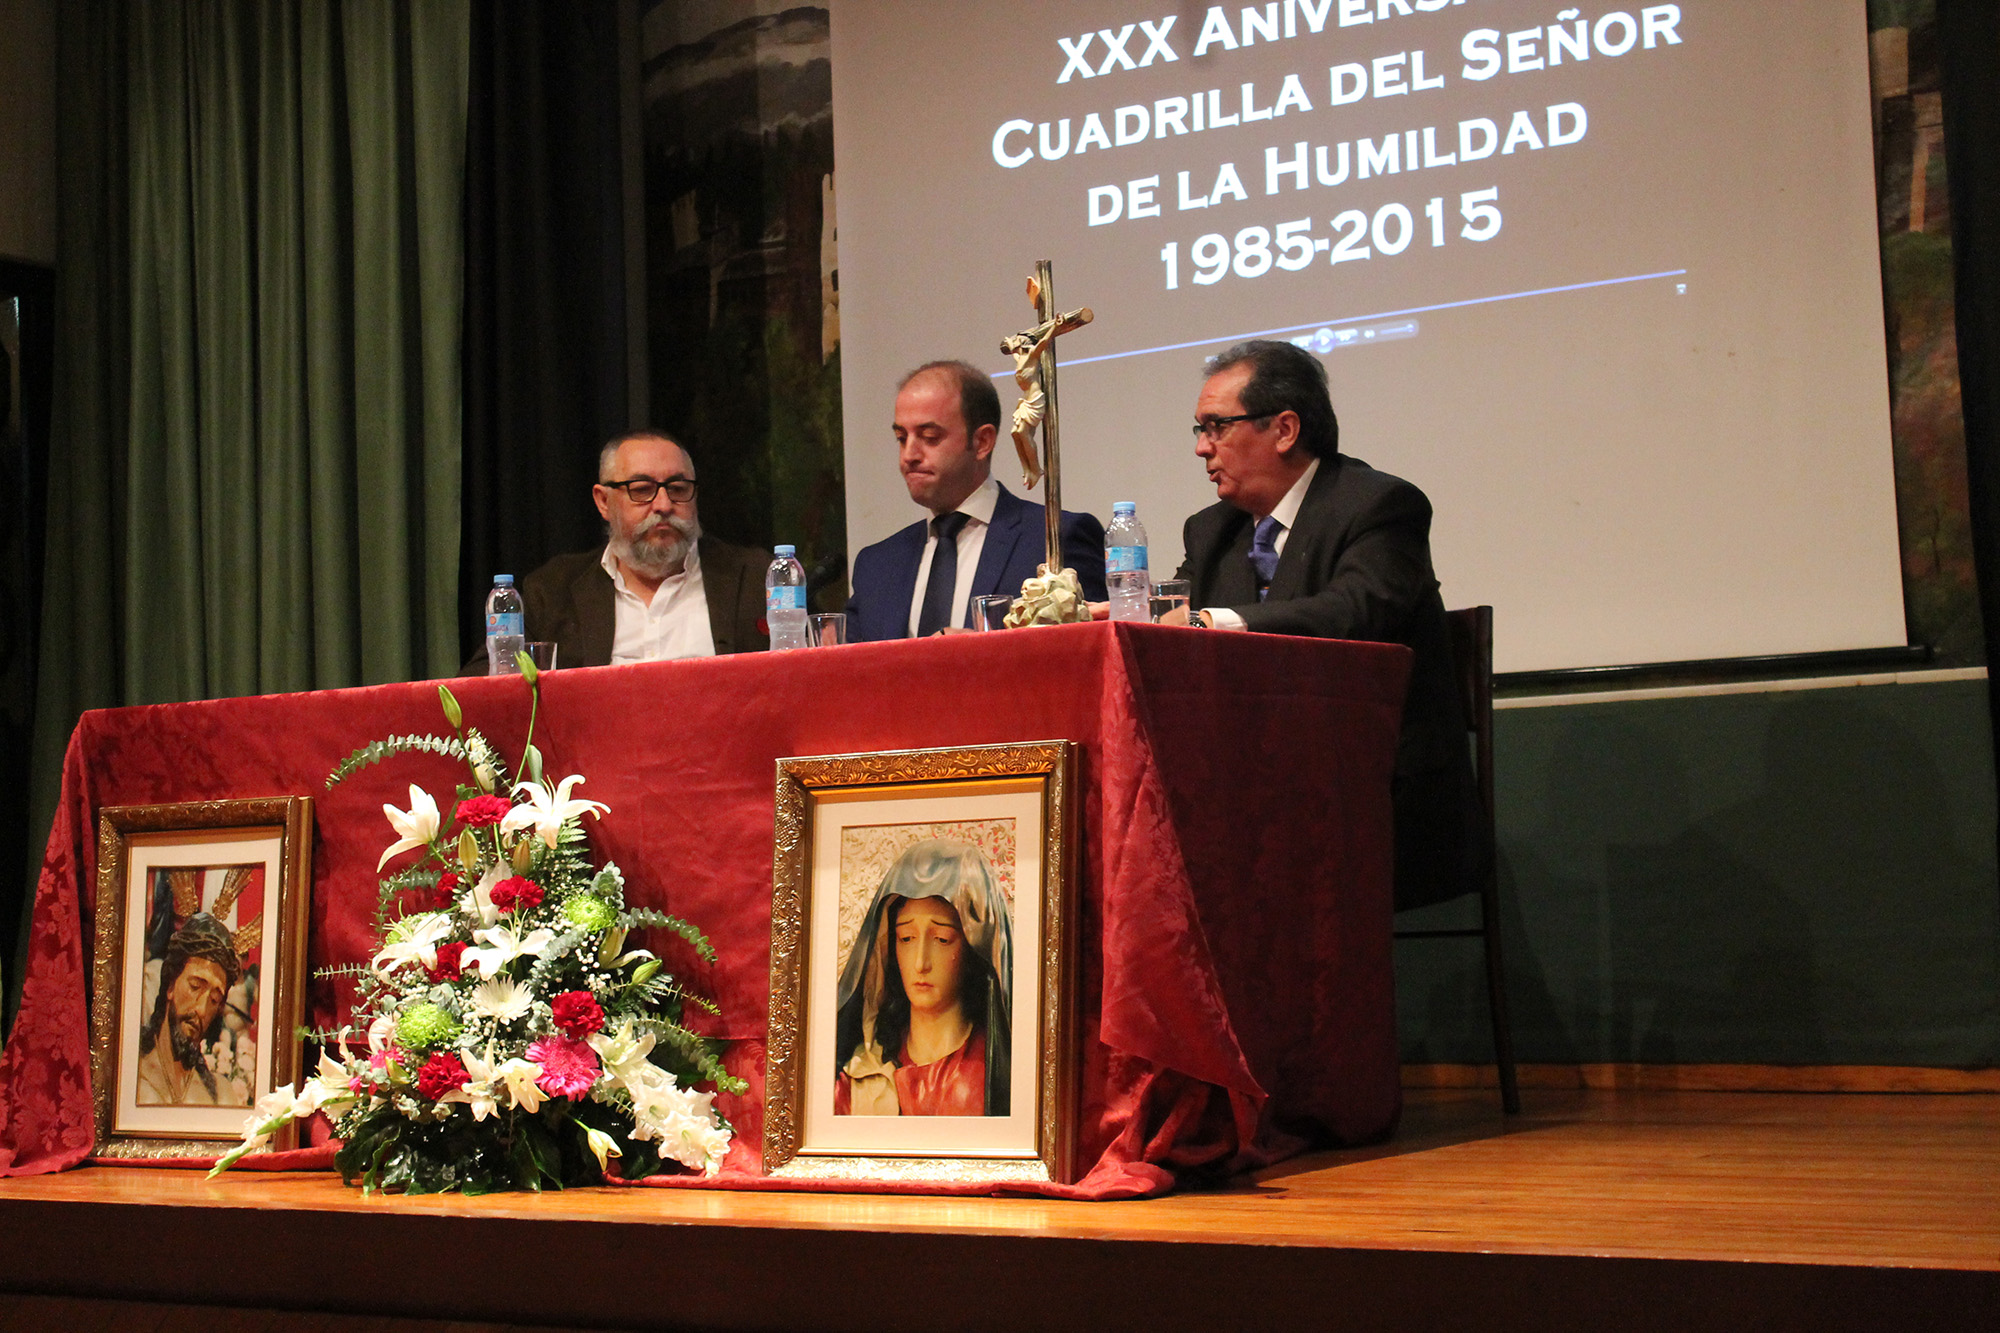 XXX Aniversario Costaleros de la Humildad